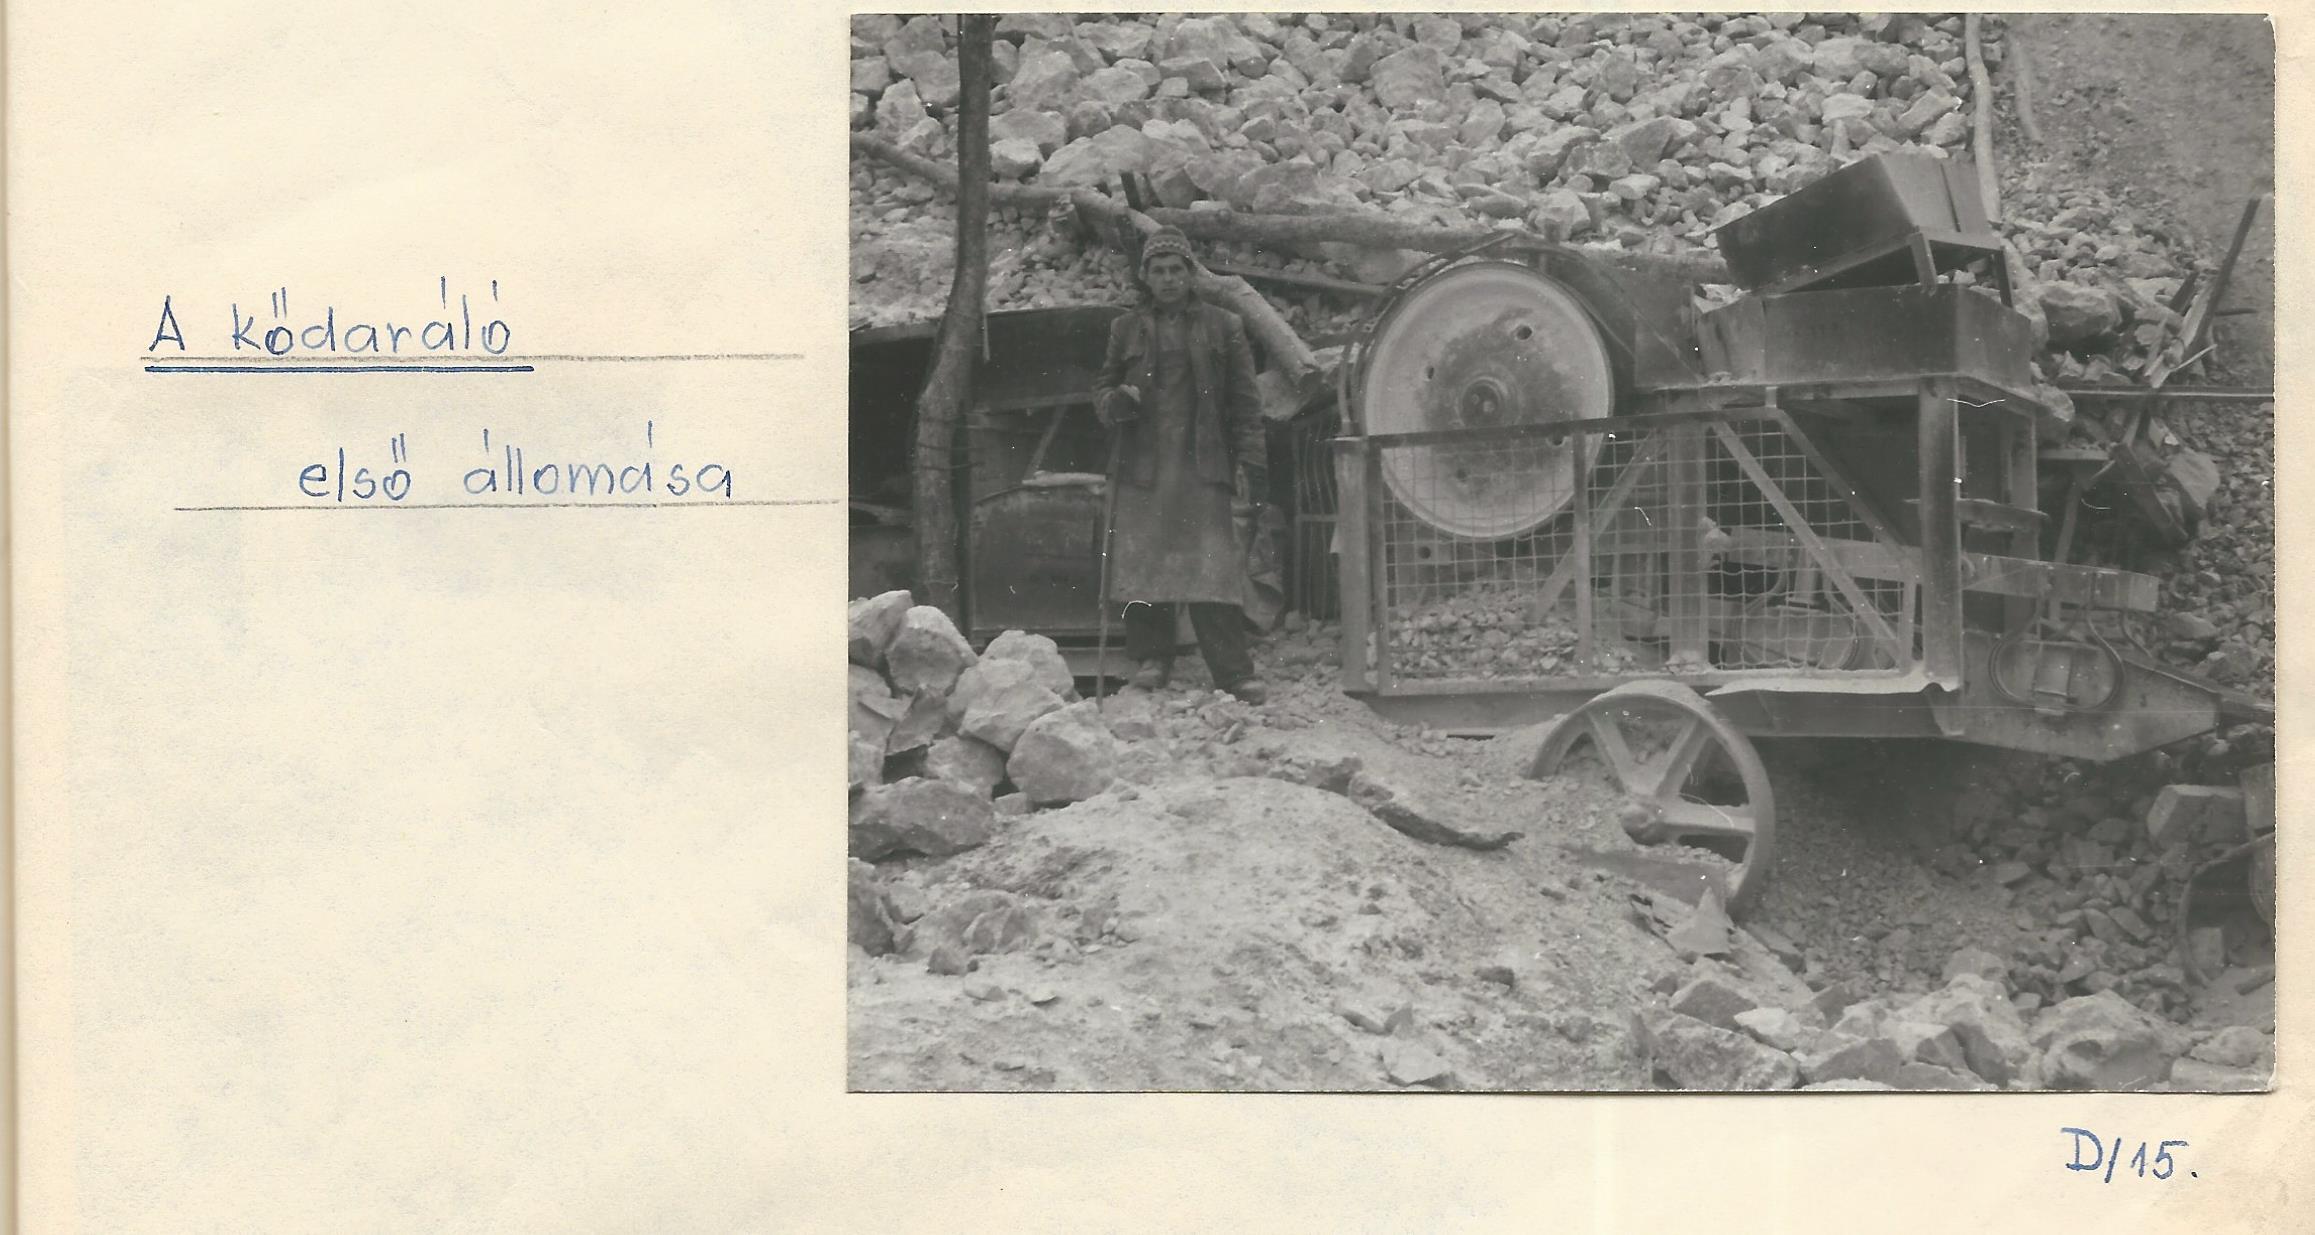 A kődaráló első állomása Községi Krónika 1968.